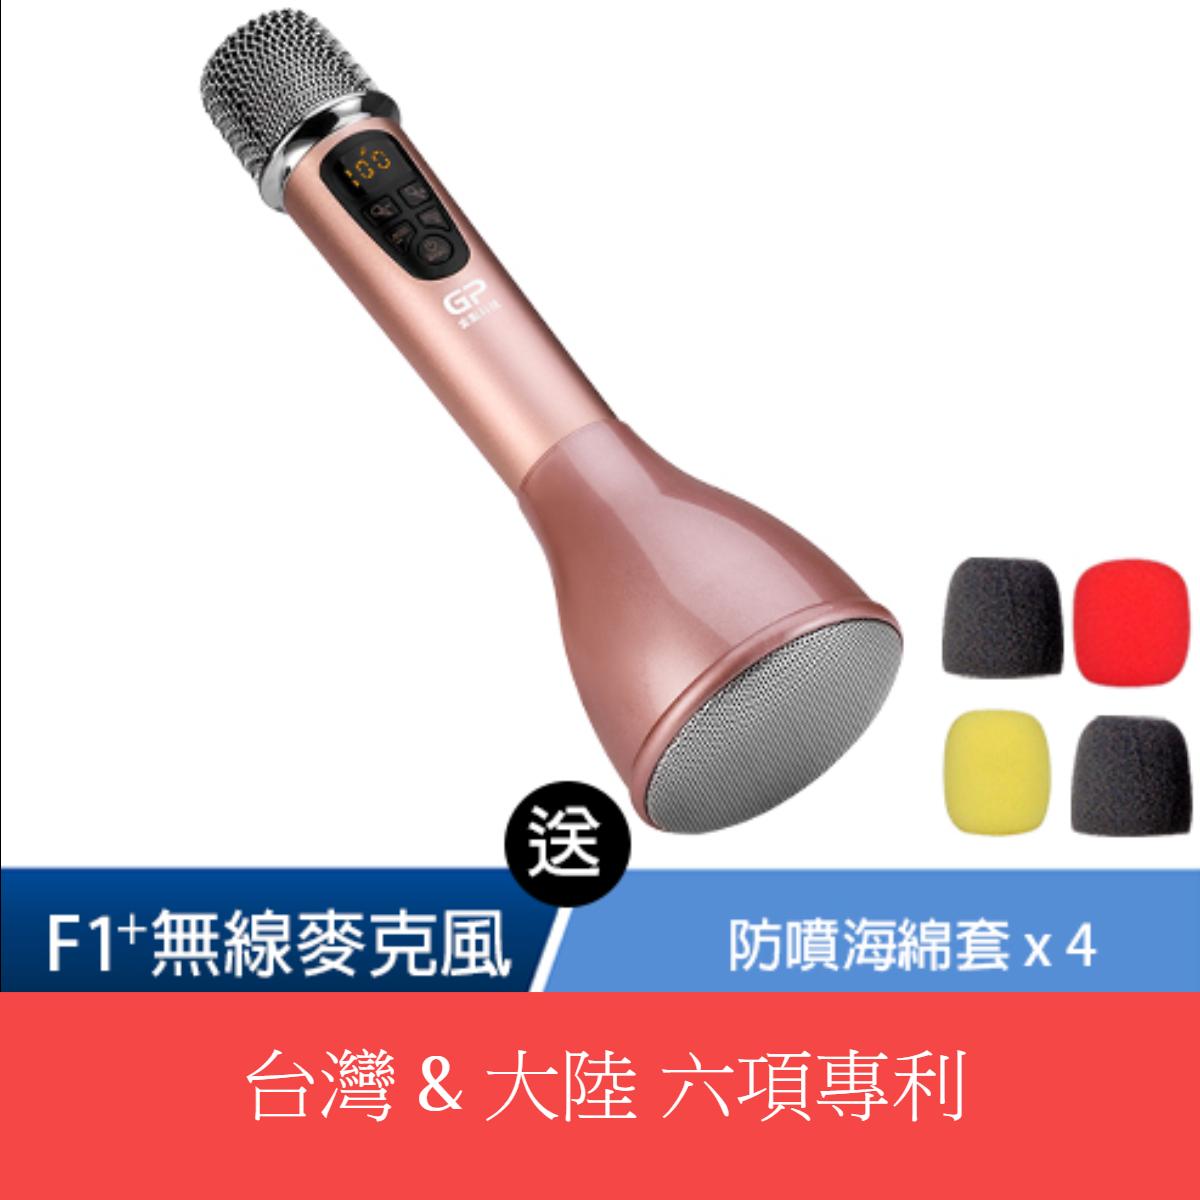 可升降KEY的第二代說唱神麥~最新款F1+(PLUS)數位掌上KTV無線麥克風藍芽喇叭(贈海綿套)